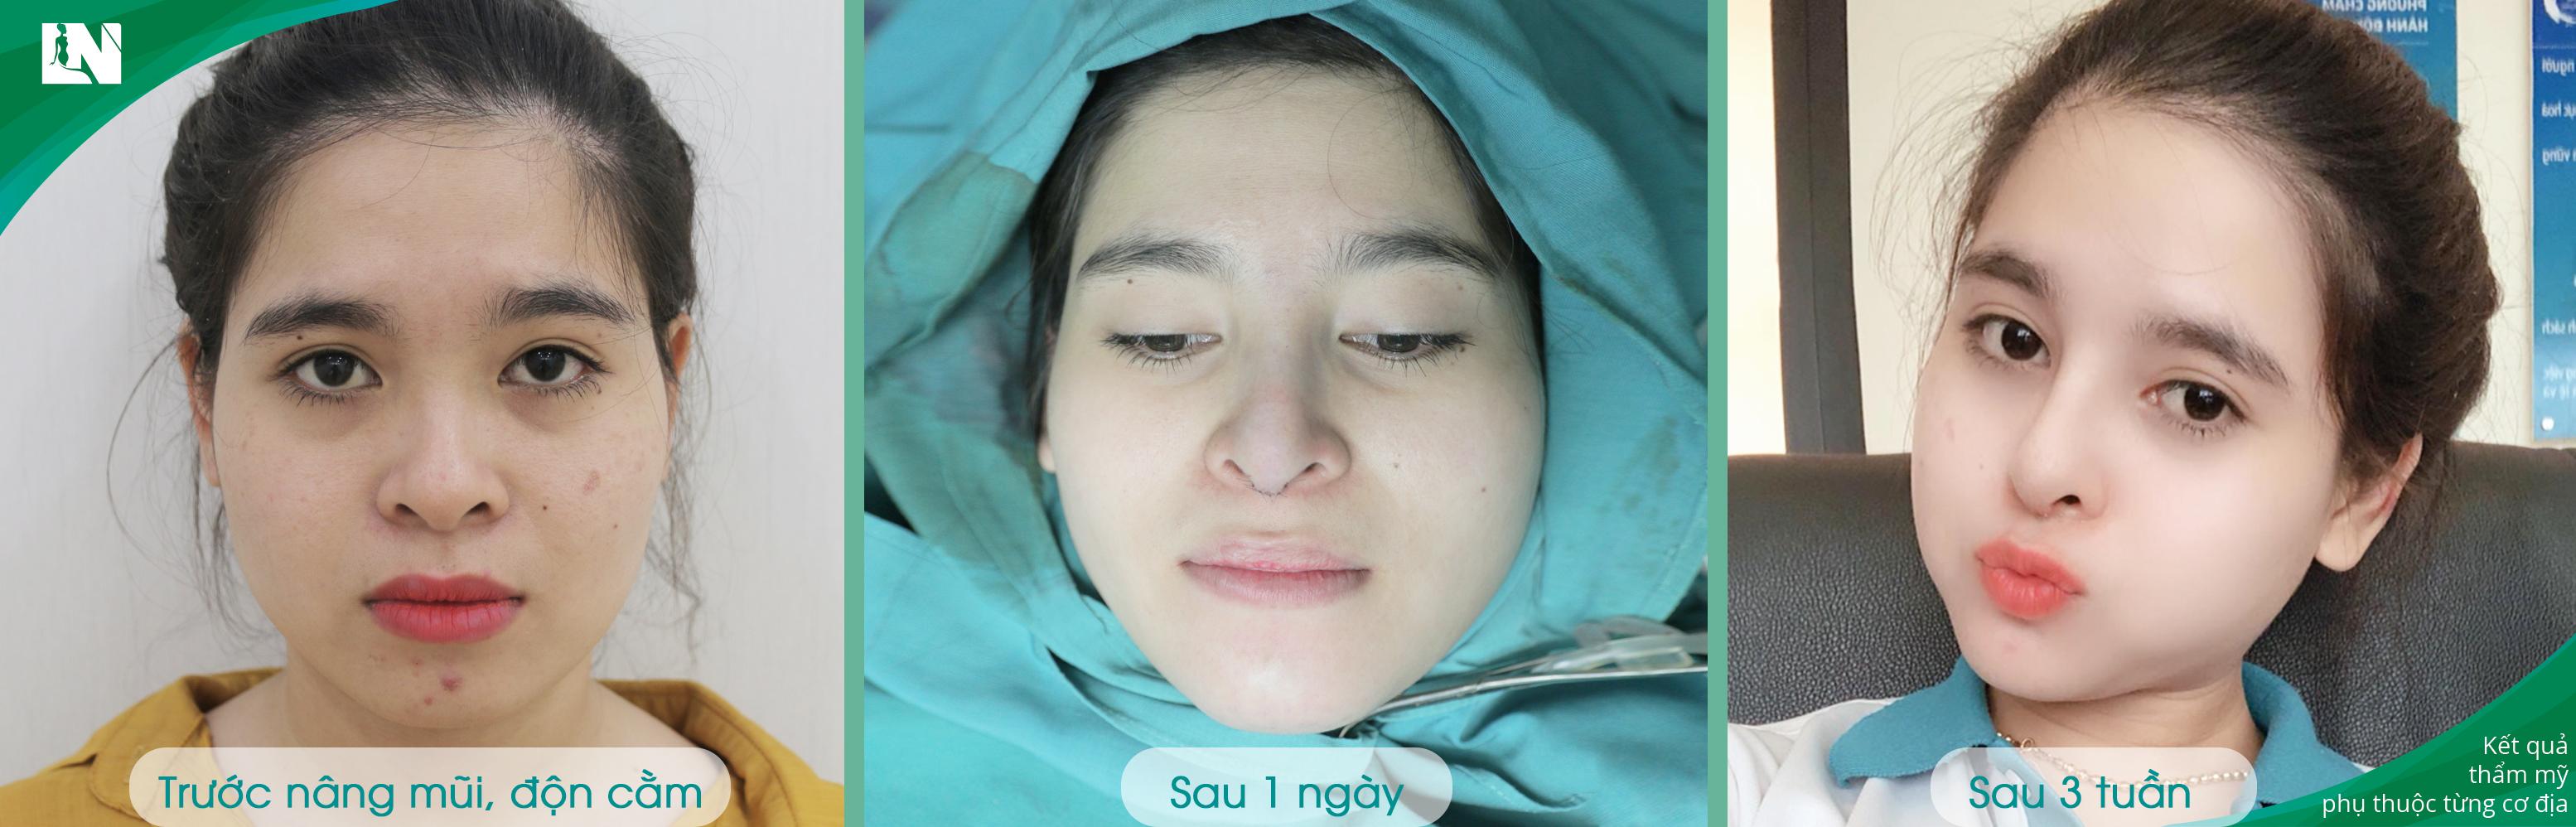 Khách hàng Thùy Linh sau 3 tuần nâng mũi S-Line kết hợp độn cằm V-Line bởi Bác sĩ Lương Ngọc